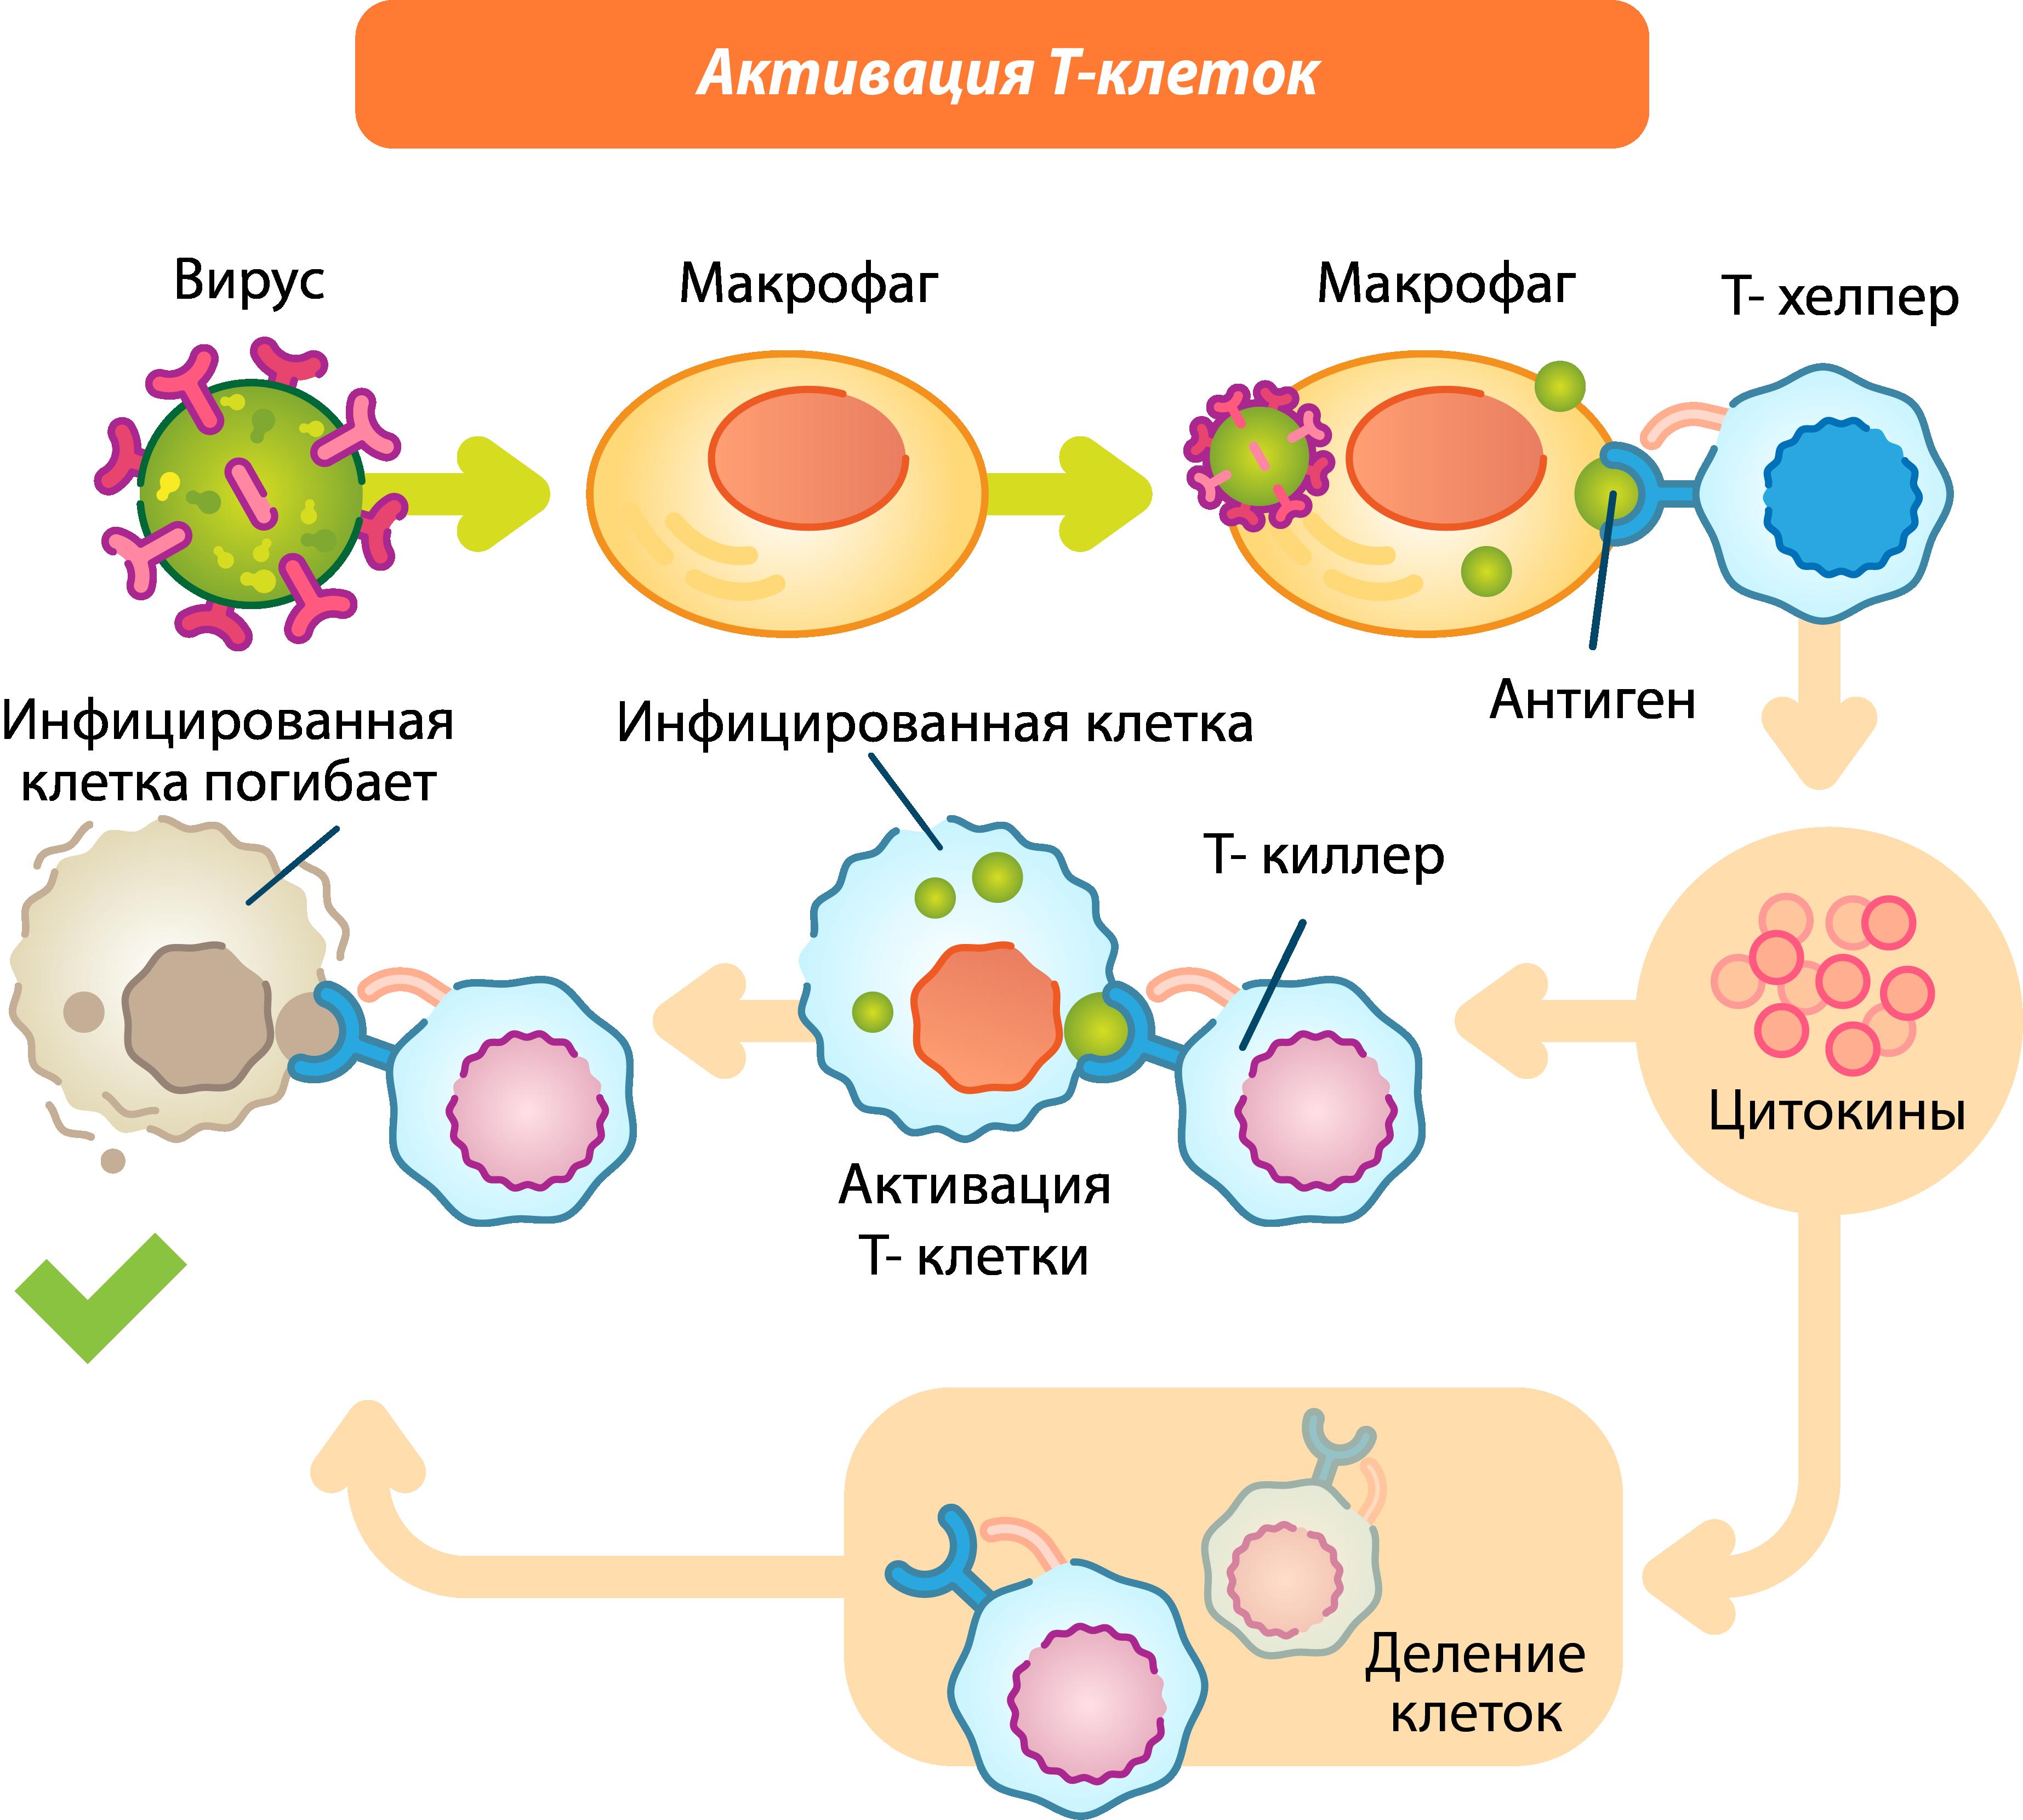 Активация Т-клеток